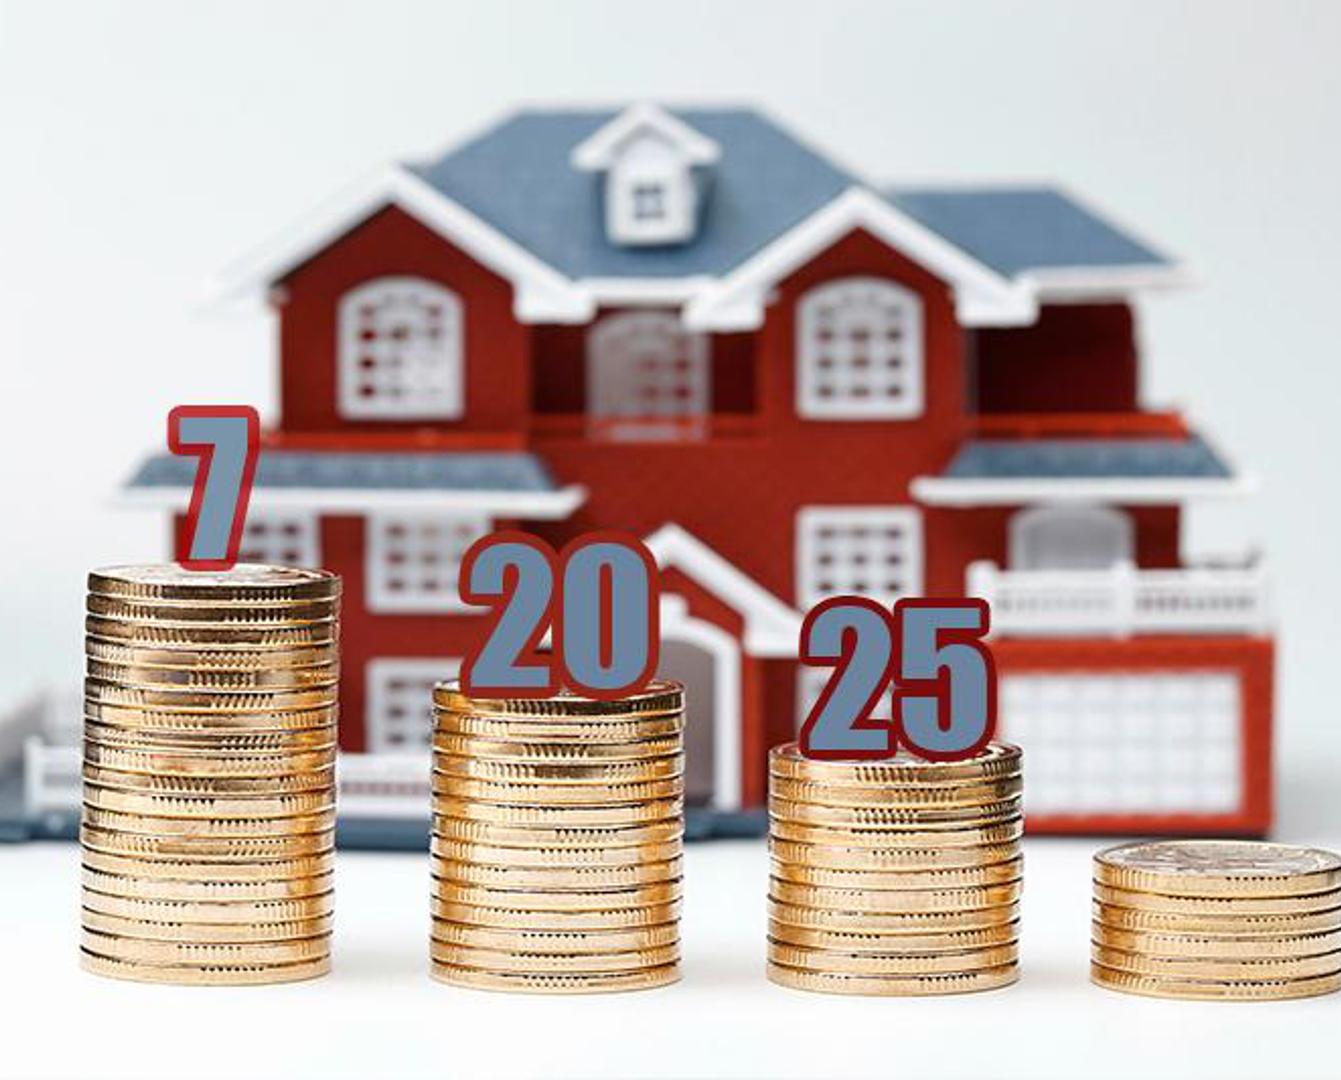 В Казахстане по программе «7-20-25» выдано займов на 2,2 млрд тенге